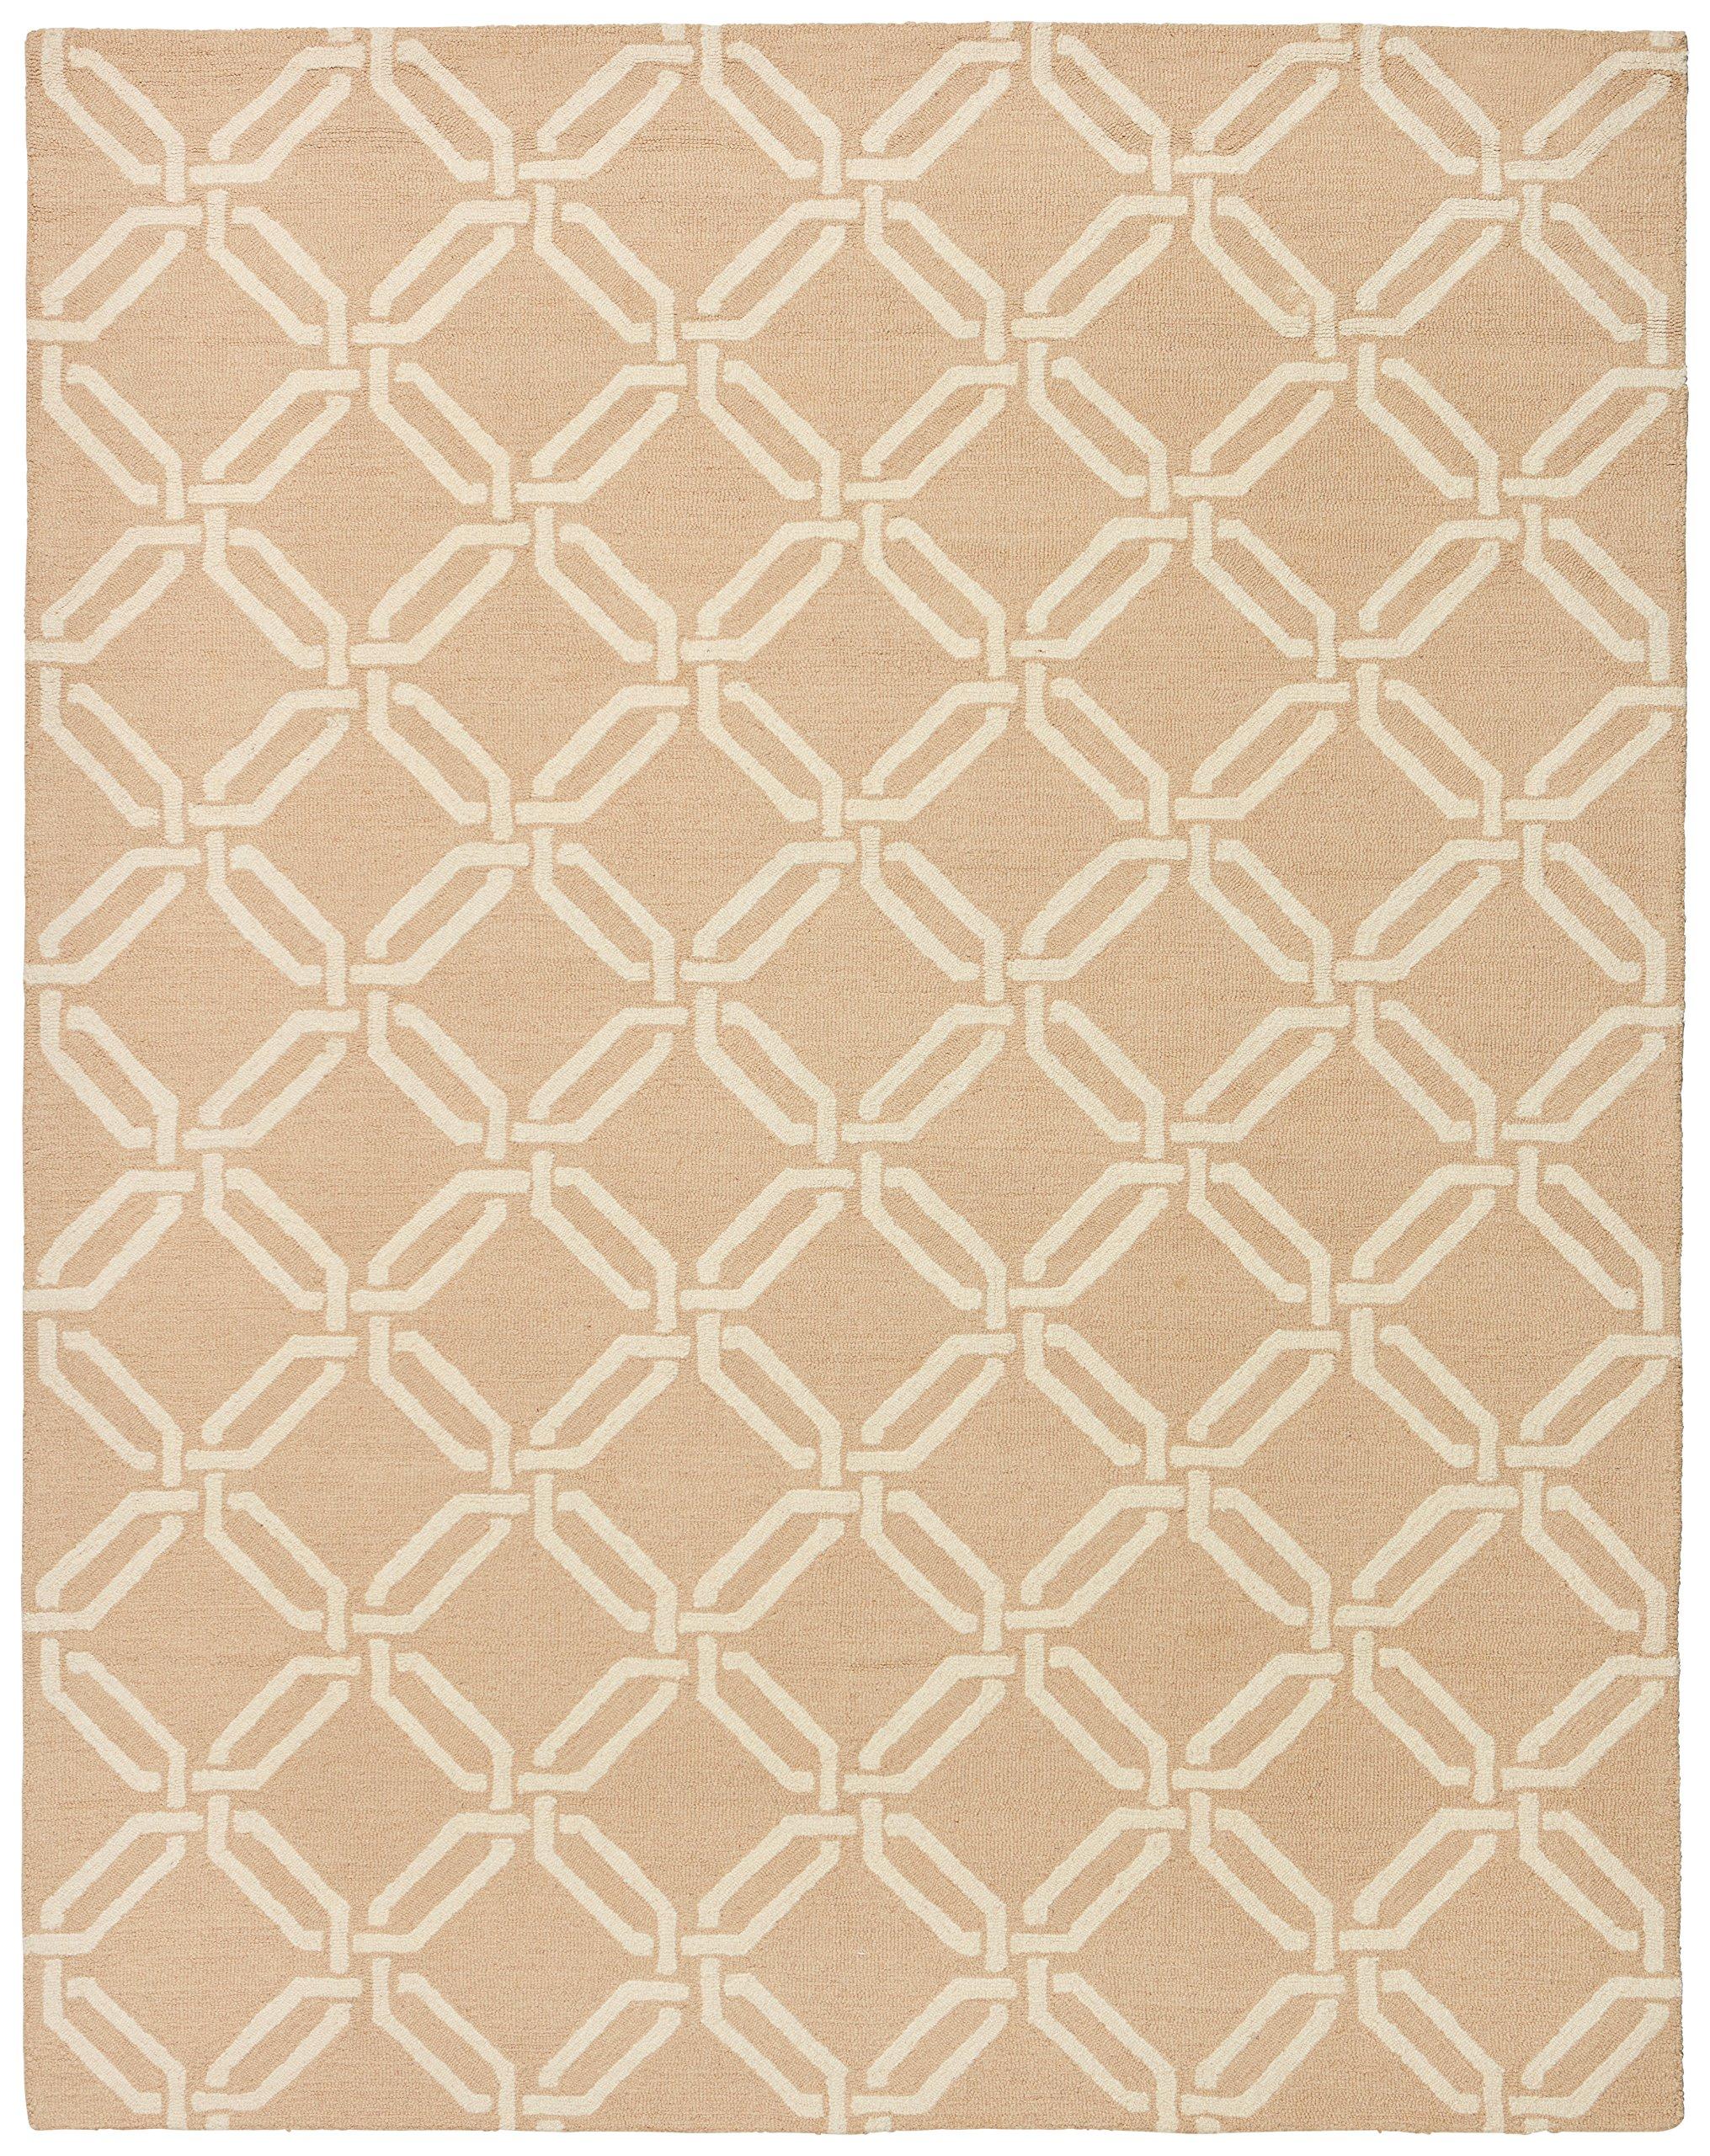 Stone & Beam Contemporary Interlocking Rings Wool Rug, 7'6'' x 9'6'', Beige by Stone & Beam